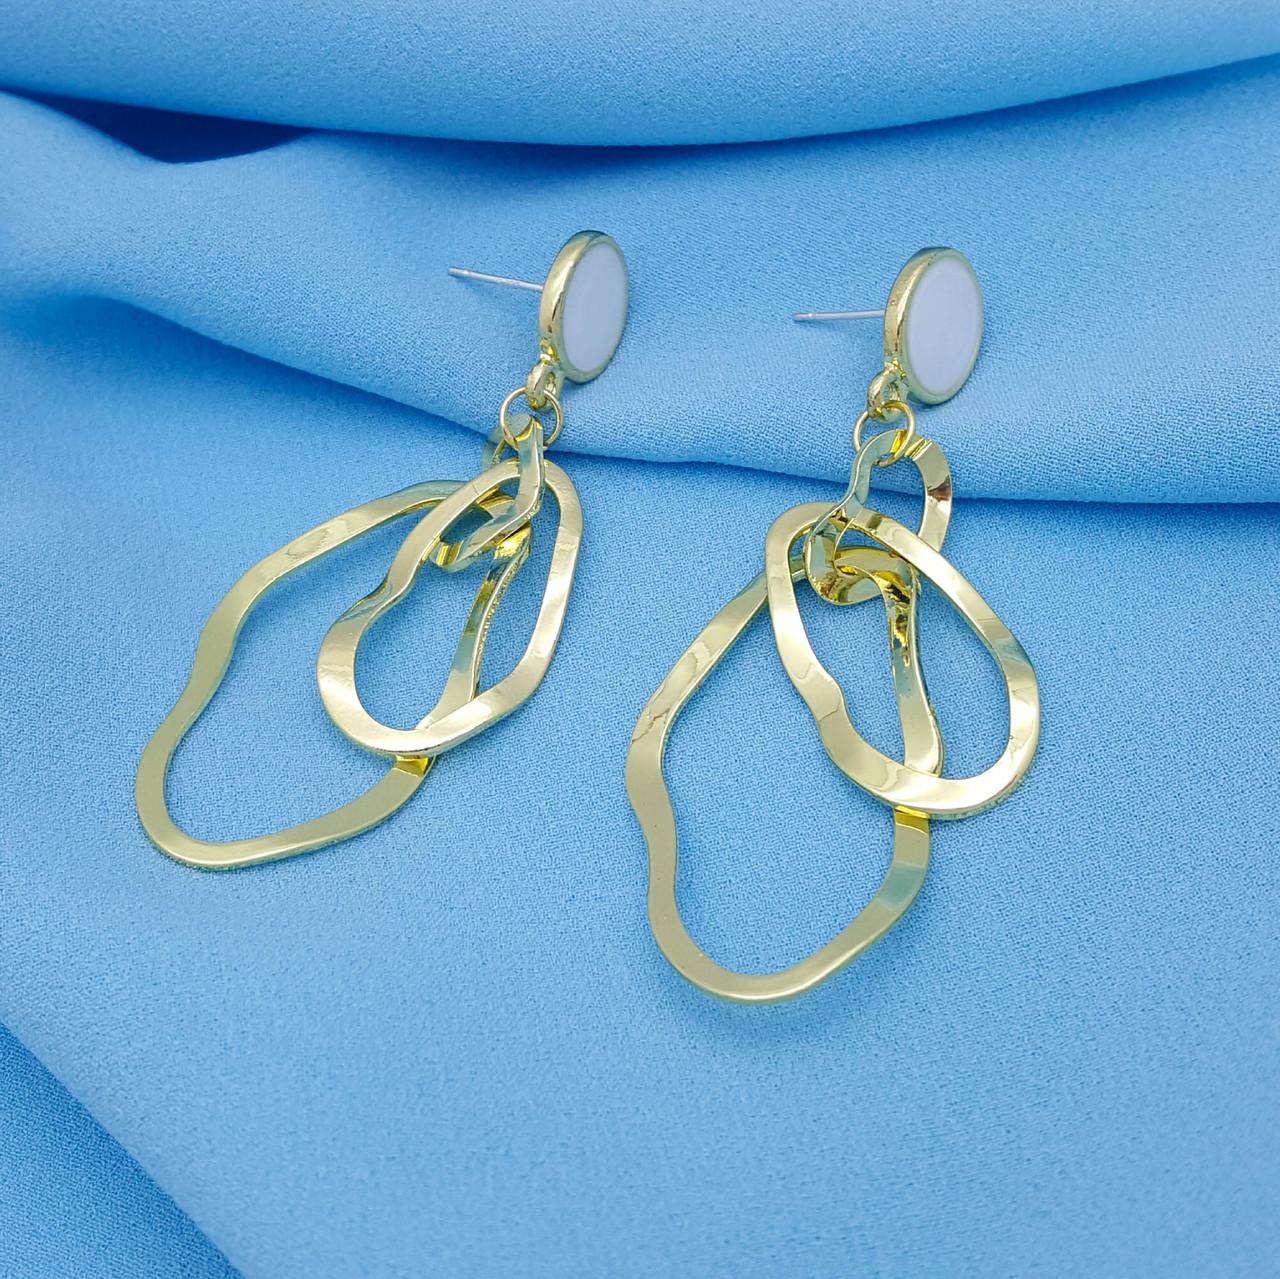 Сережки цвяшки, Асиметричний Овал, з білою емалью, під золото